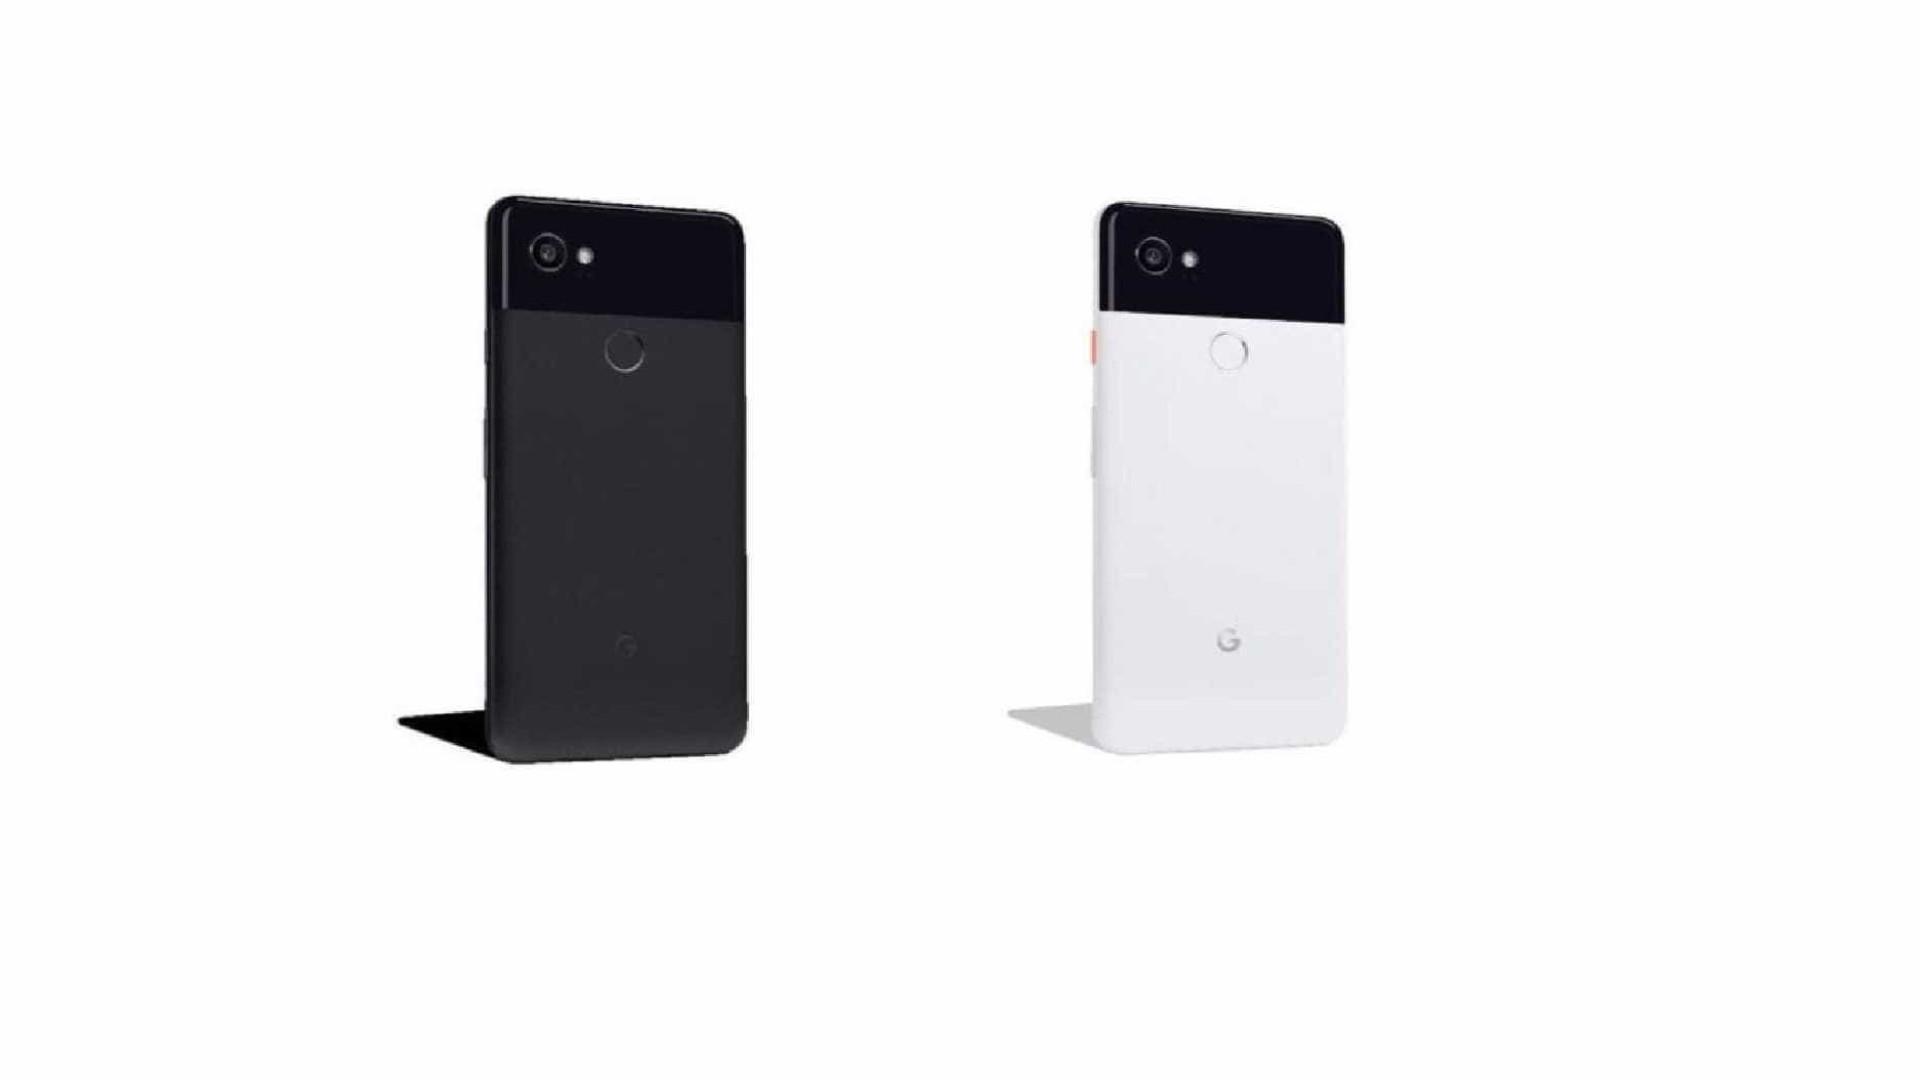 A Google lançou um dos melhores smartphones Android que ninguém comprou